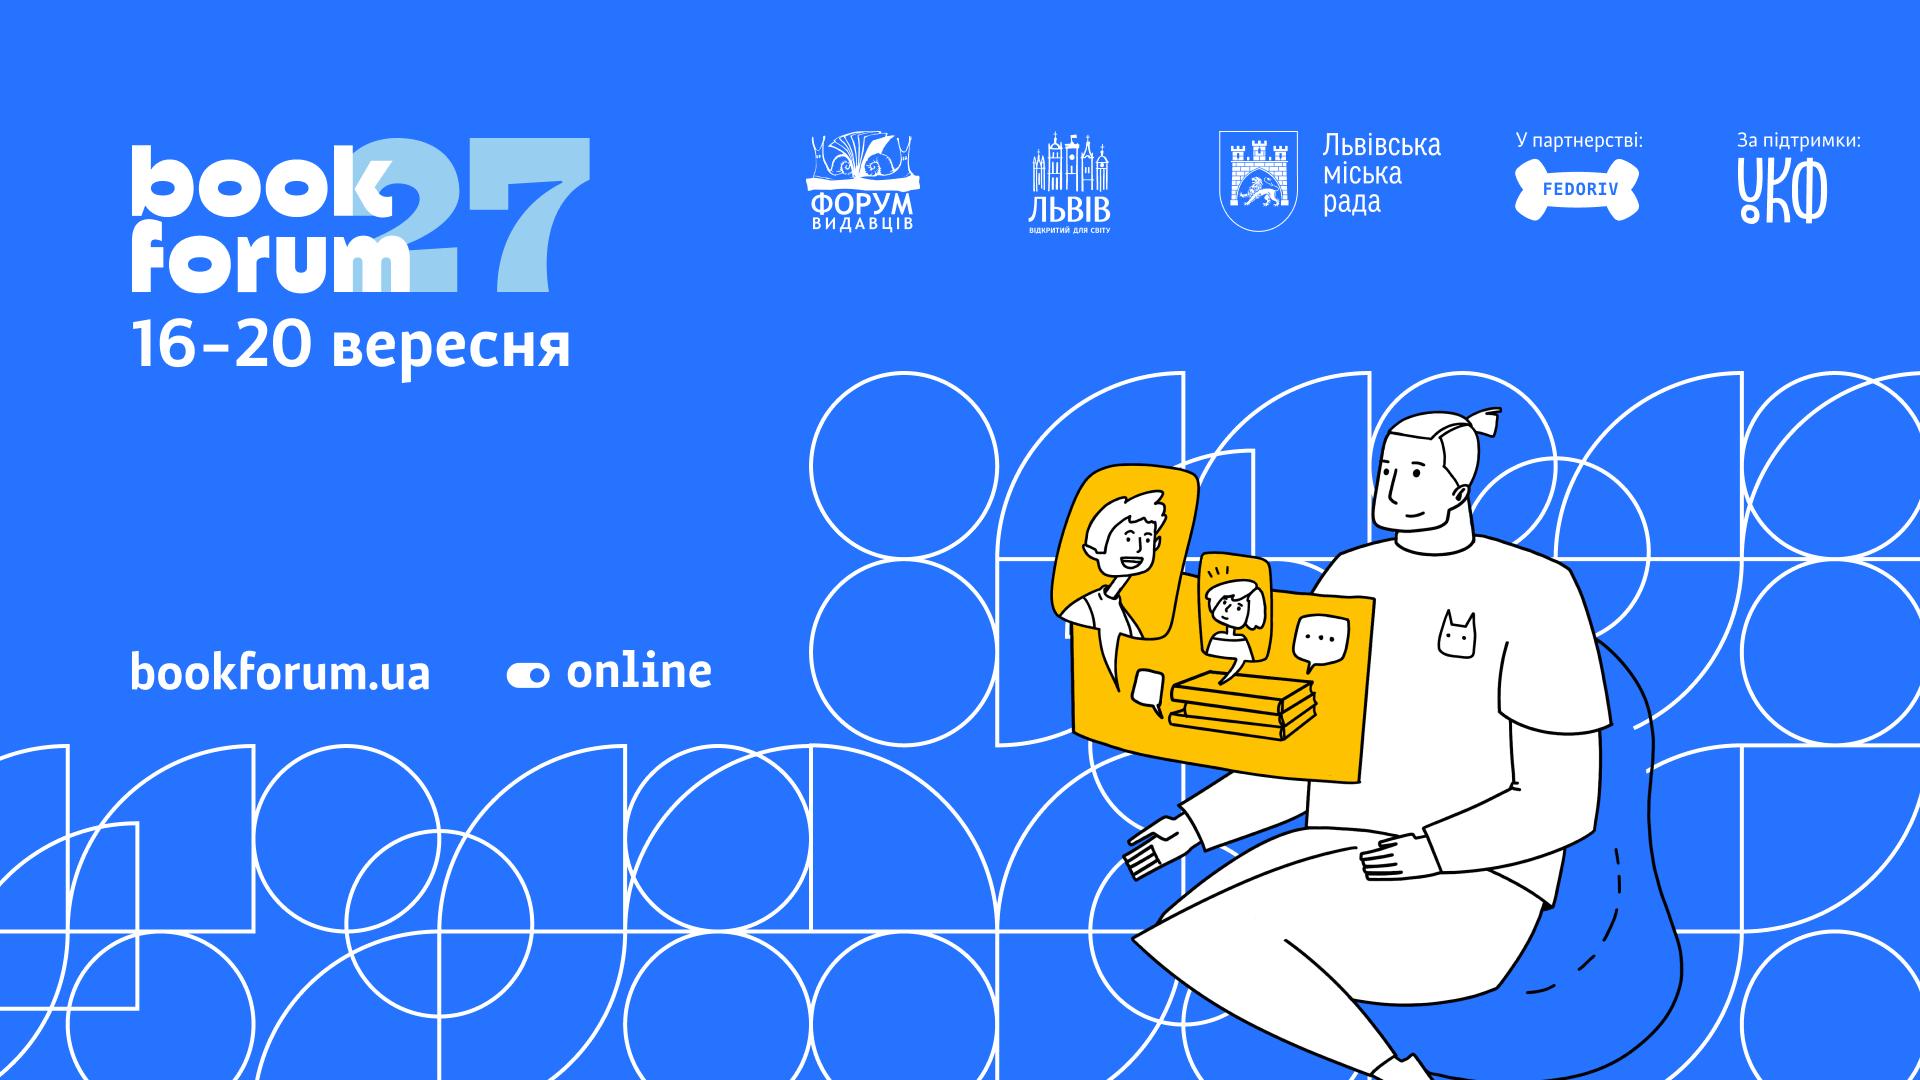 Вже завтра стартує 27 BookForum: що важливо знати про фестиваль